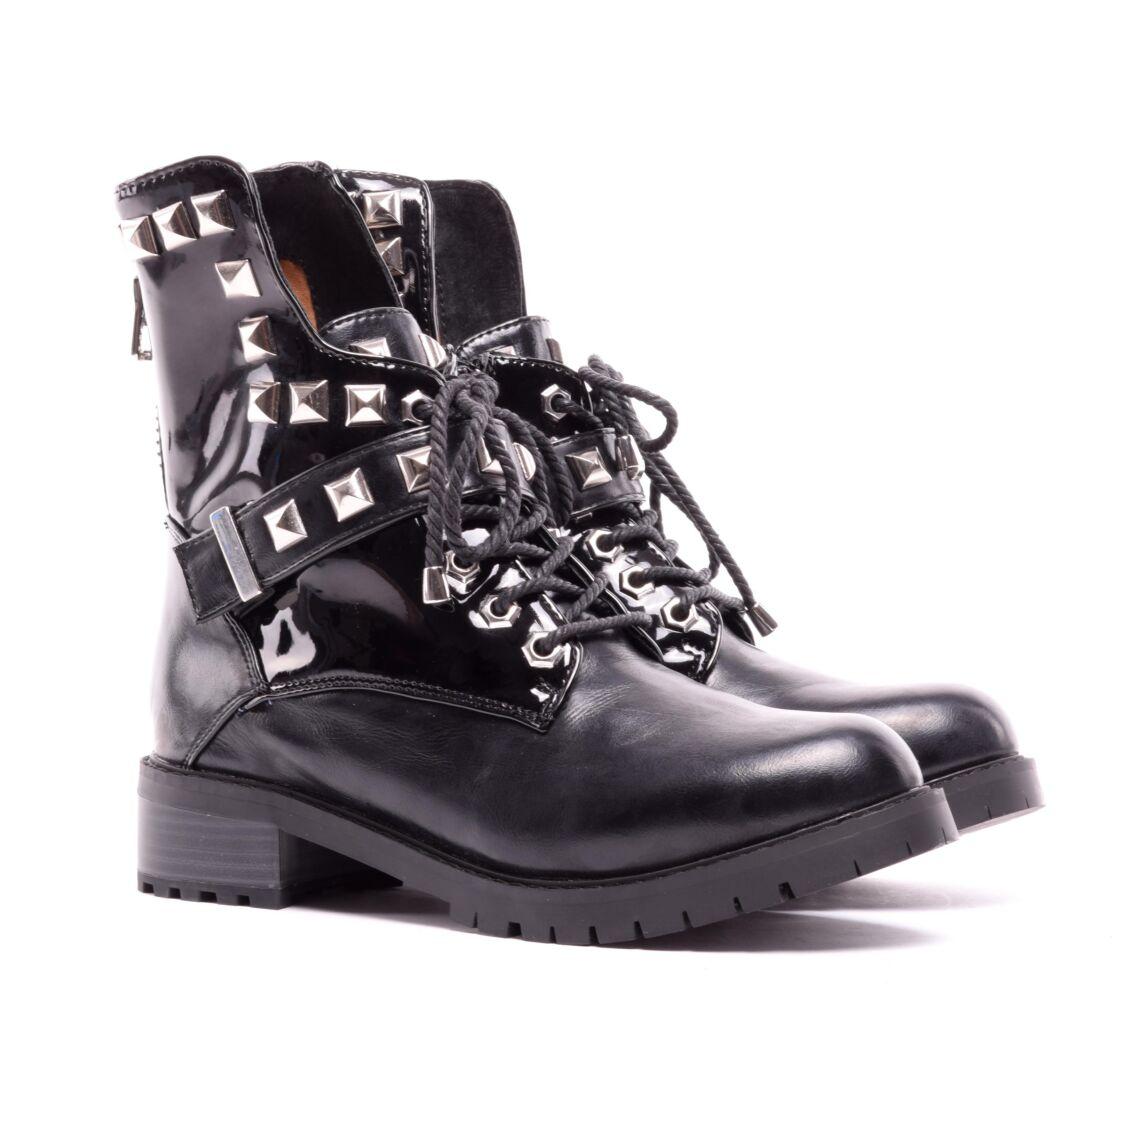 1731fd4a41 Női Fekete Műbőr Bakancs - BAKANCSOK - Női cipő webáruház-női ...